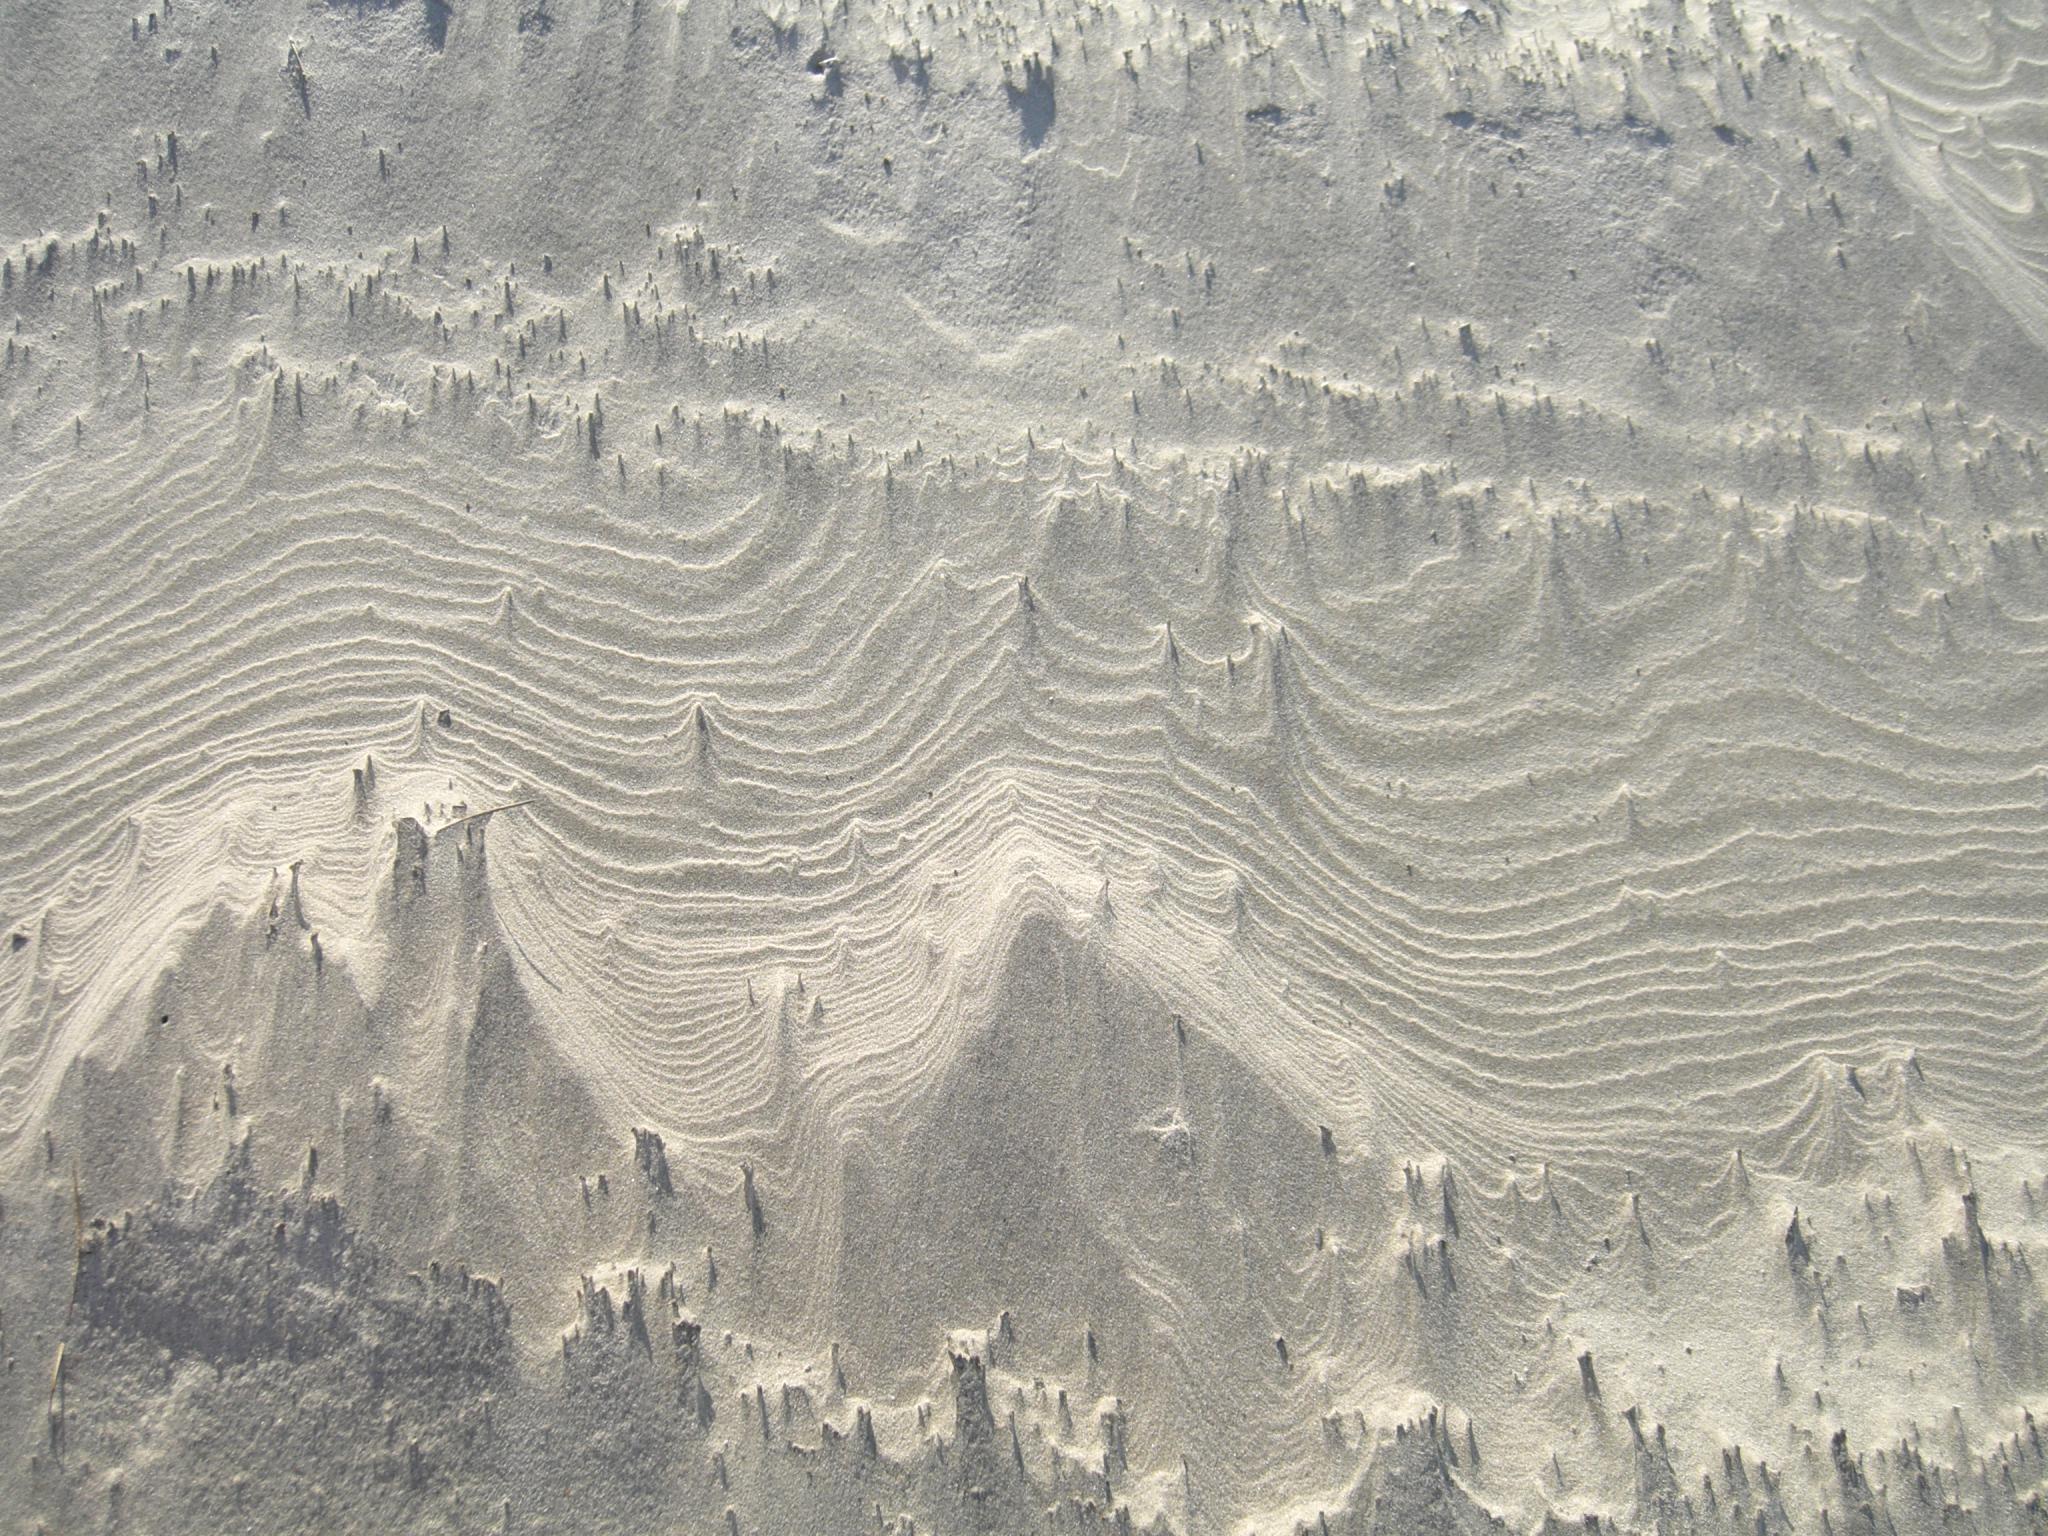 Sandberge II, Langeoog, 2006